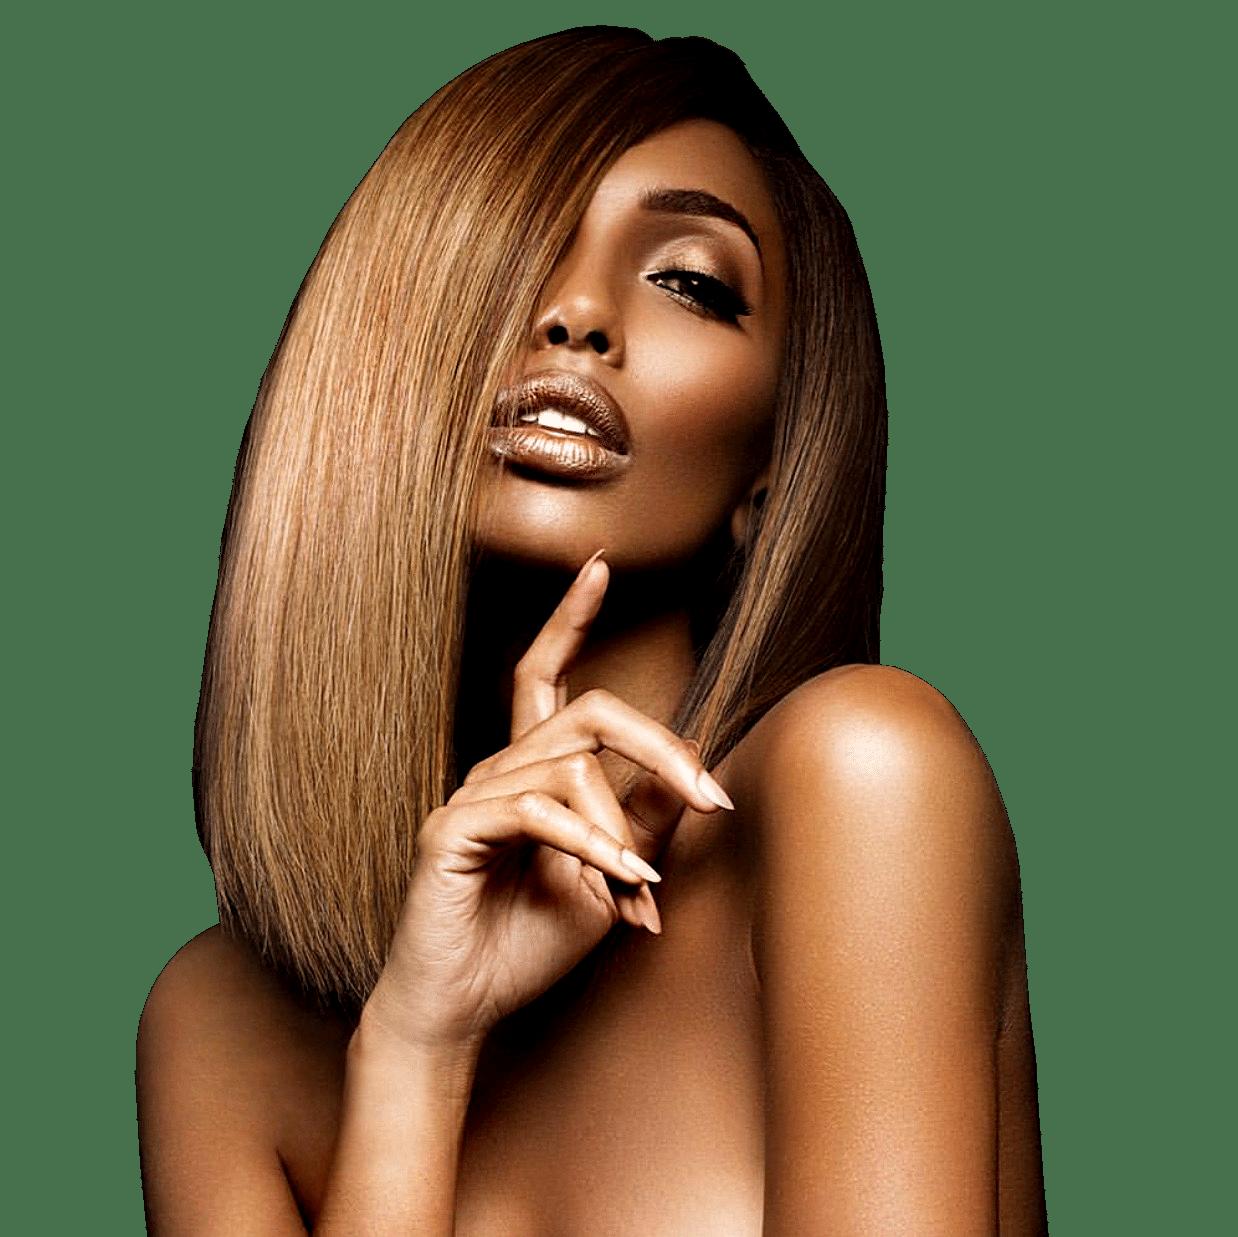 Salon de coiffure afro, antillais, américain